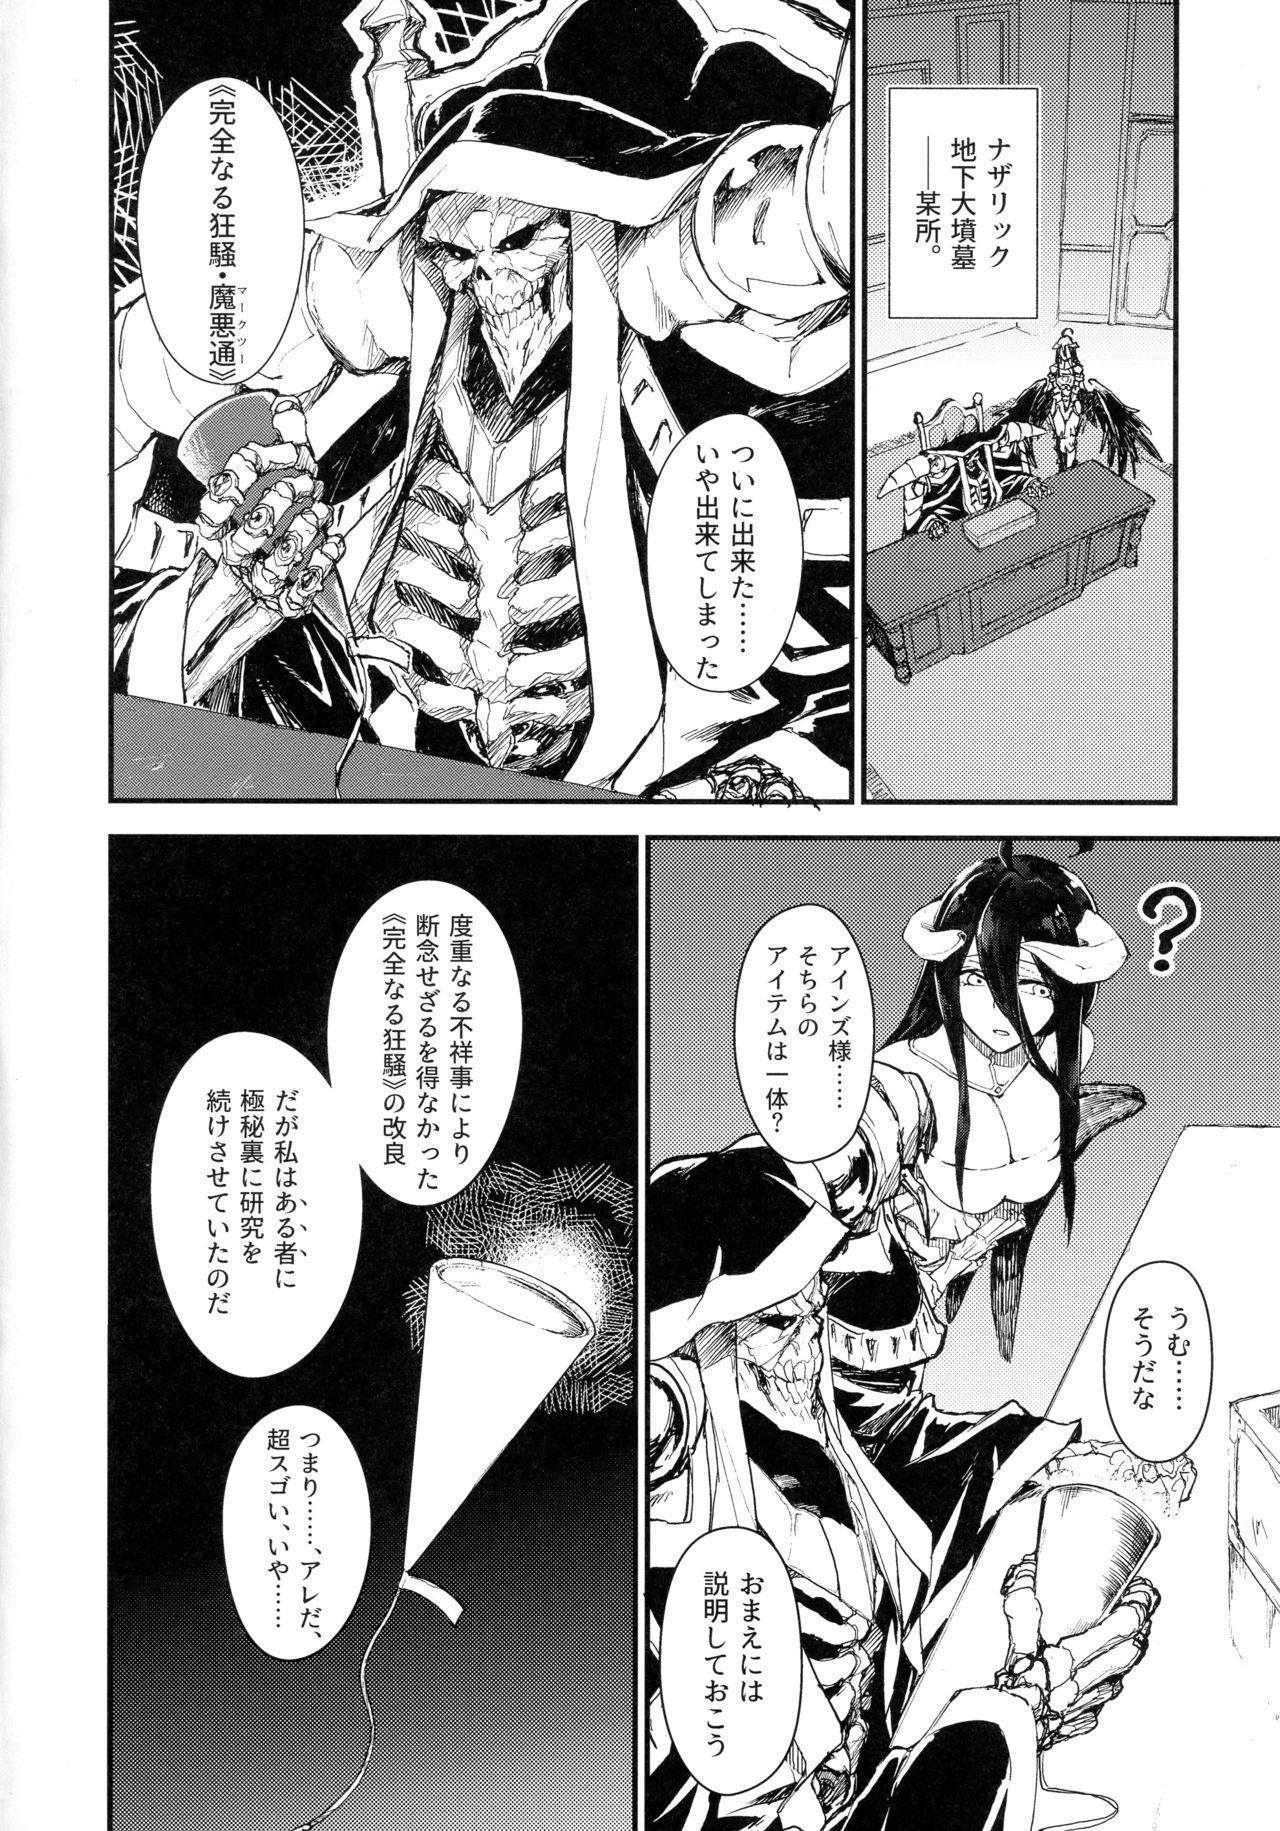 Ainz-sama no Oyotsugi o! 2